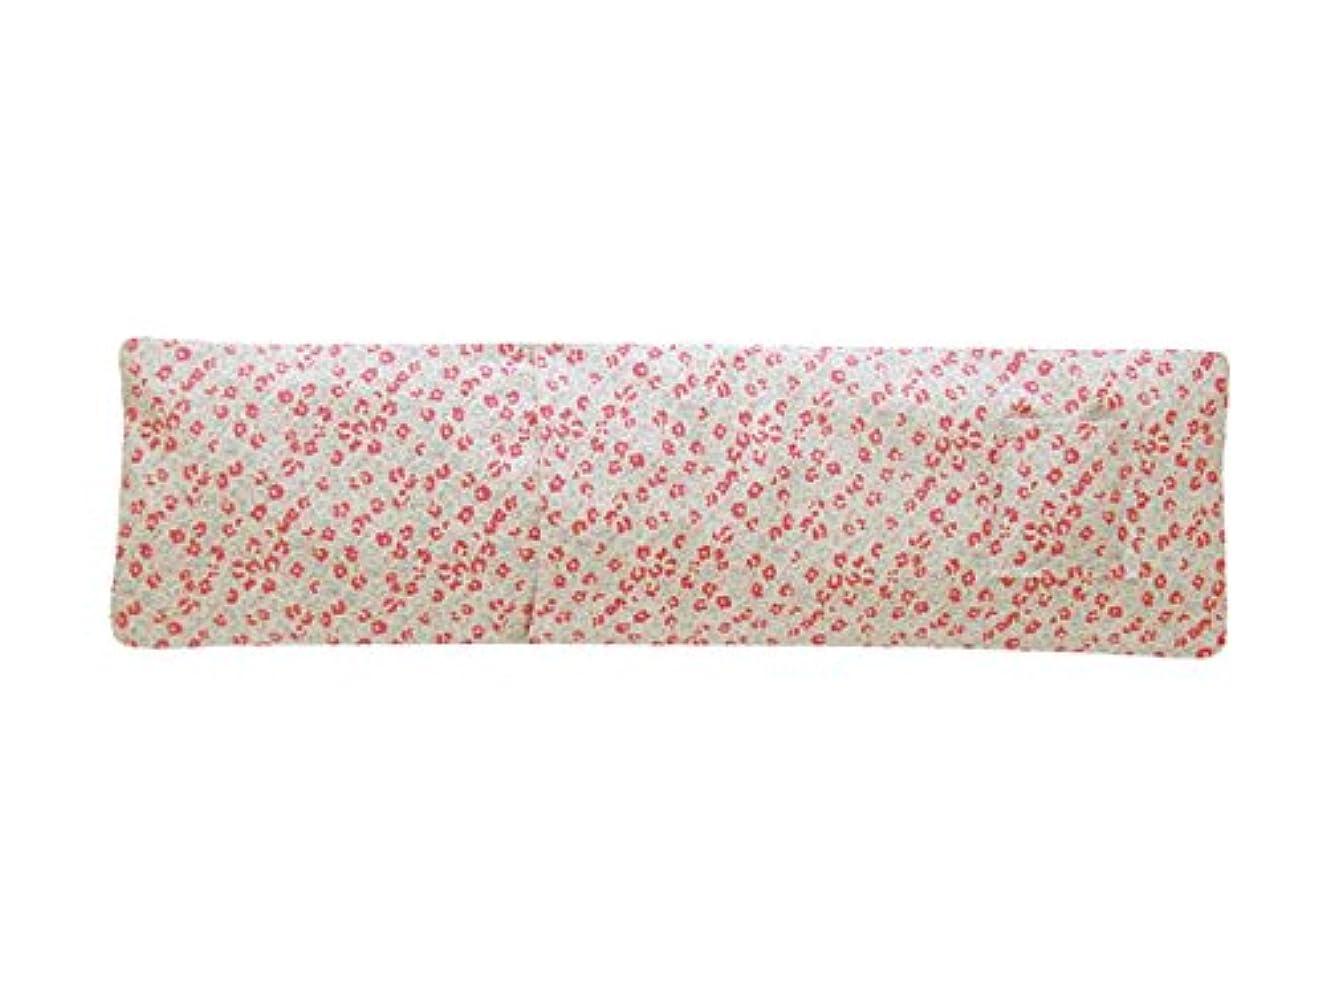 鋸歯状有効な退屈させるホット&アイスショルダーピロー ラベンダーの香り(小花柄) JA-04LAKOB